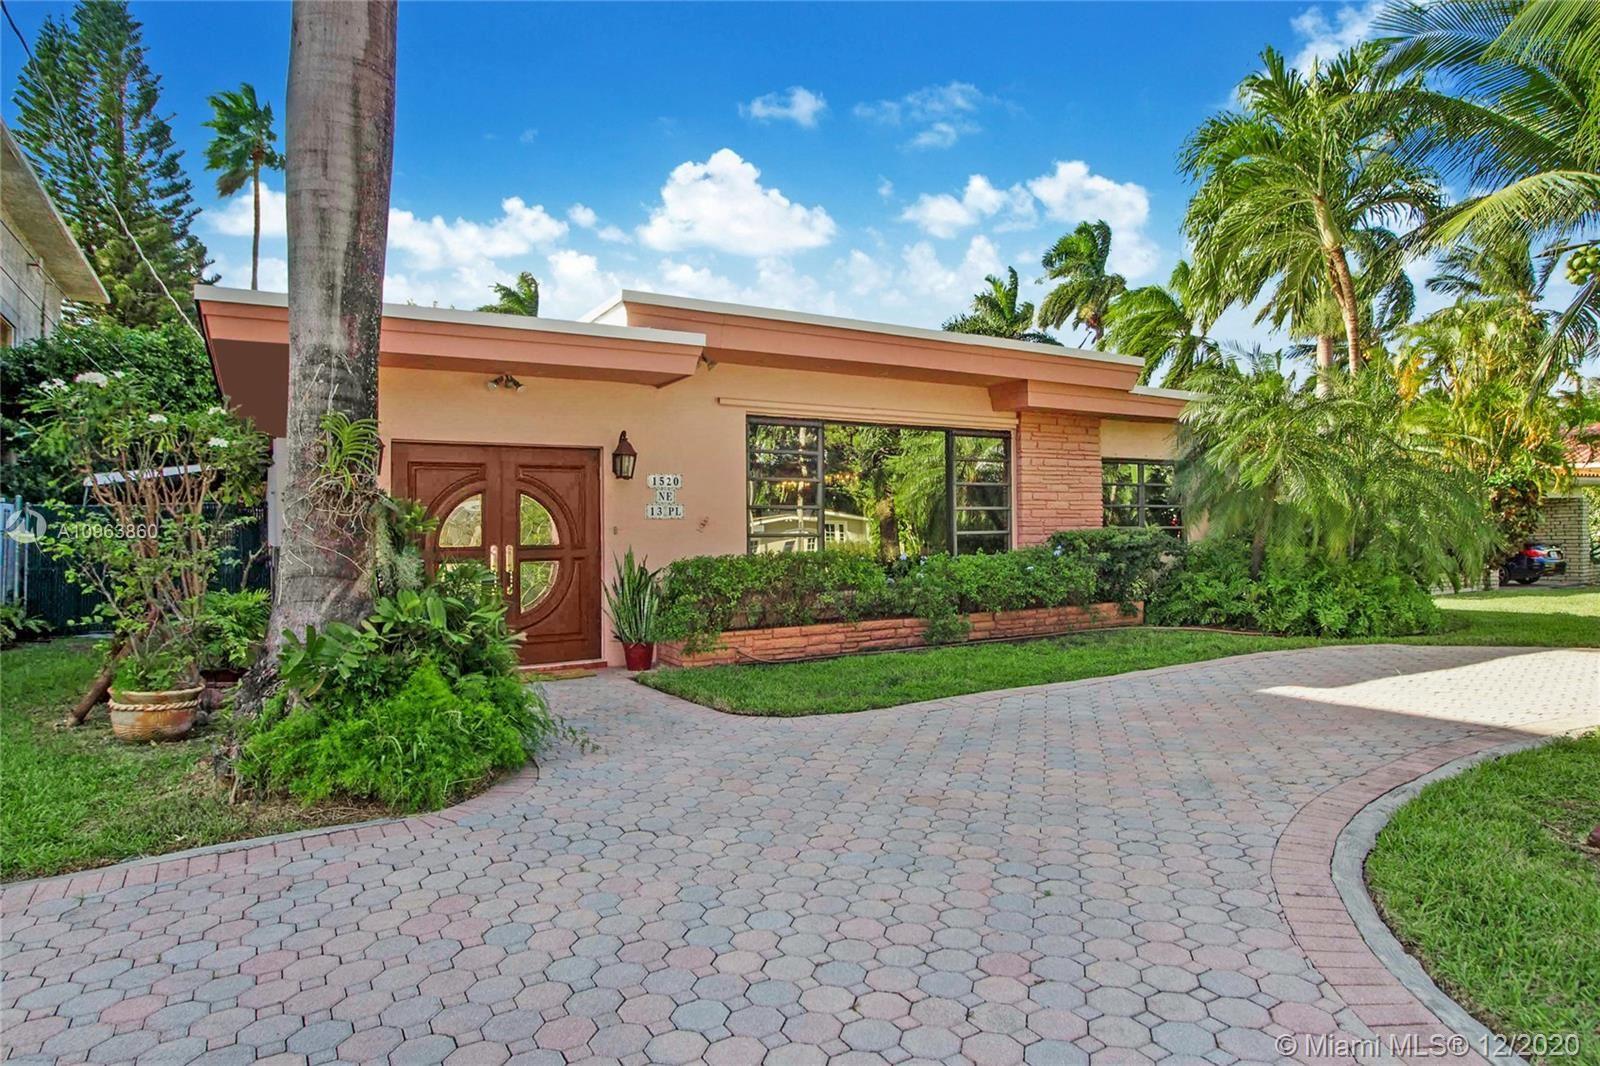 1520 NE 13th Pl, Miami, FL 33139 - #: A10963860